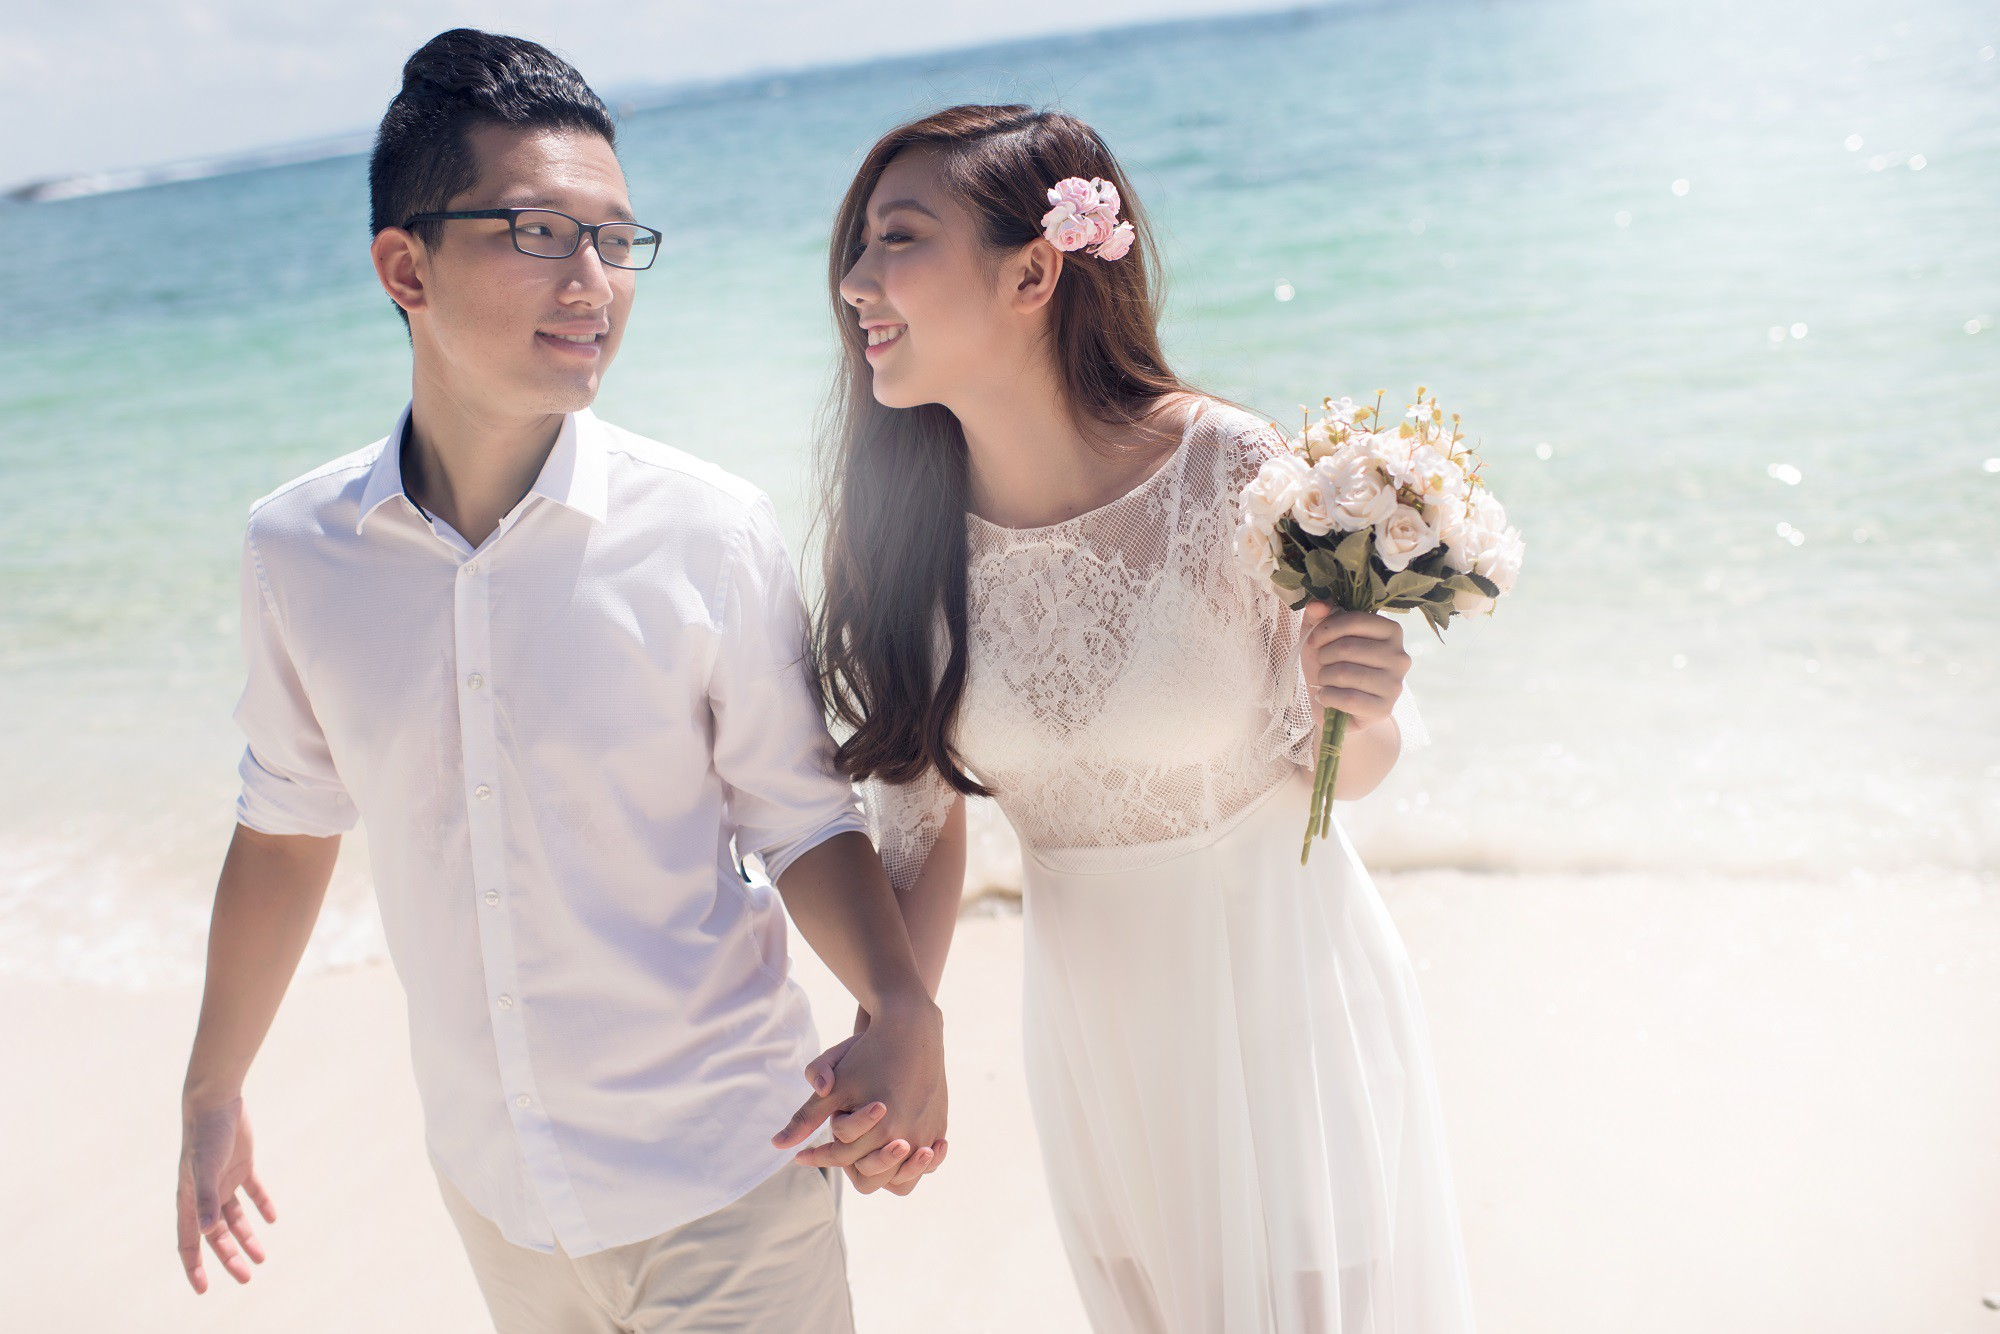 Em gái Trấn Thành kết hôn với bạn trai Hồng Kông, tung bộ ảnh cưới nhắng nhít cùng hội bạn thân - Ảnh 5.